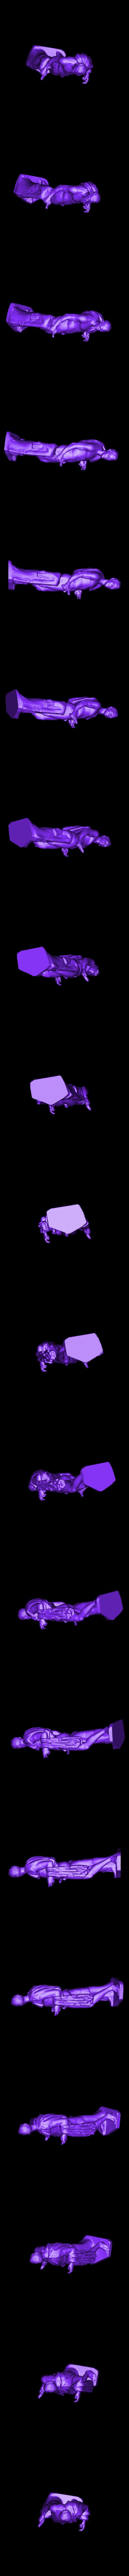 louvre-julius-caesar.stl Download free STL file Julius Caesar Borghese at The Louvre, Paris • 3D printable design, Louvre